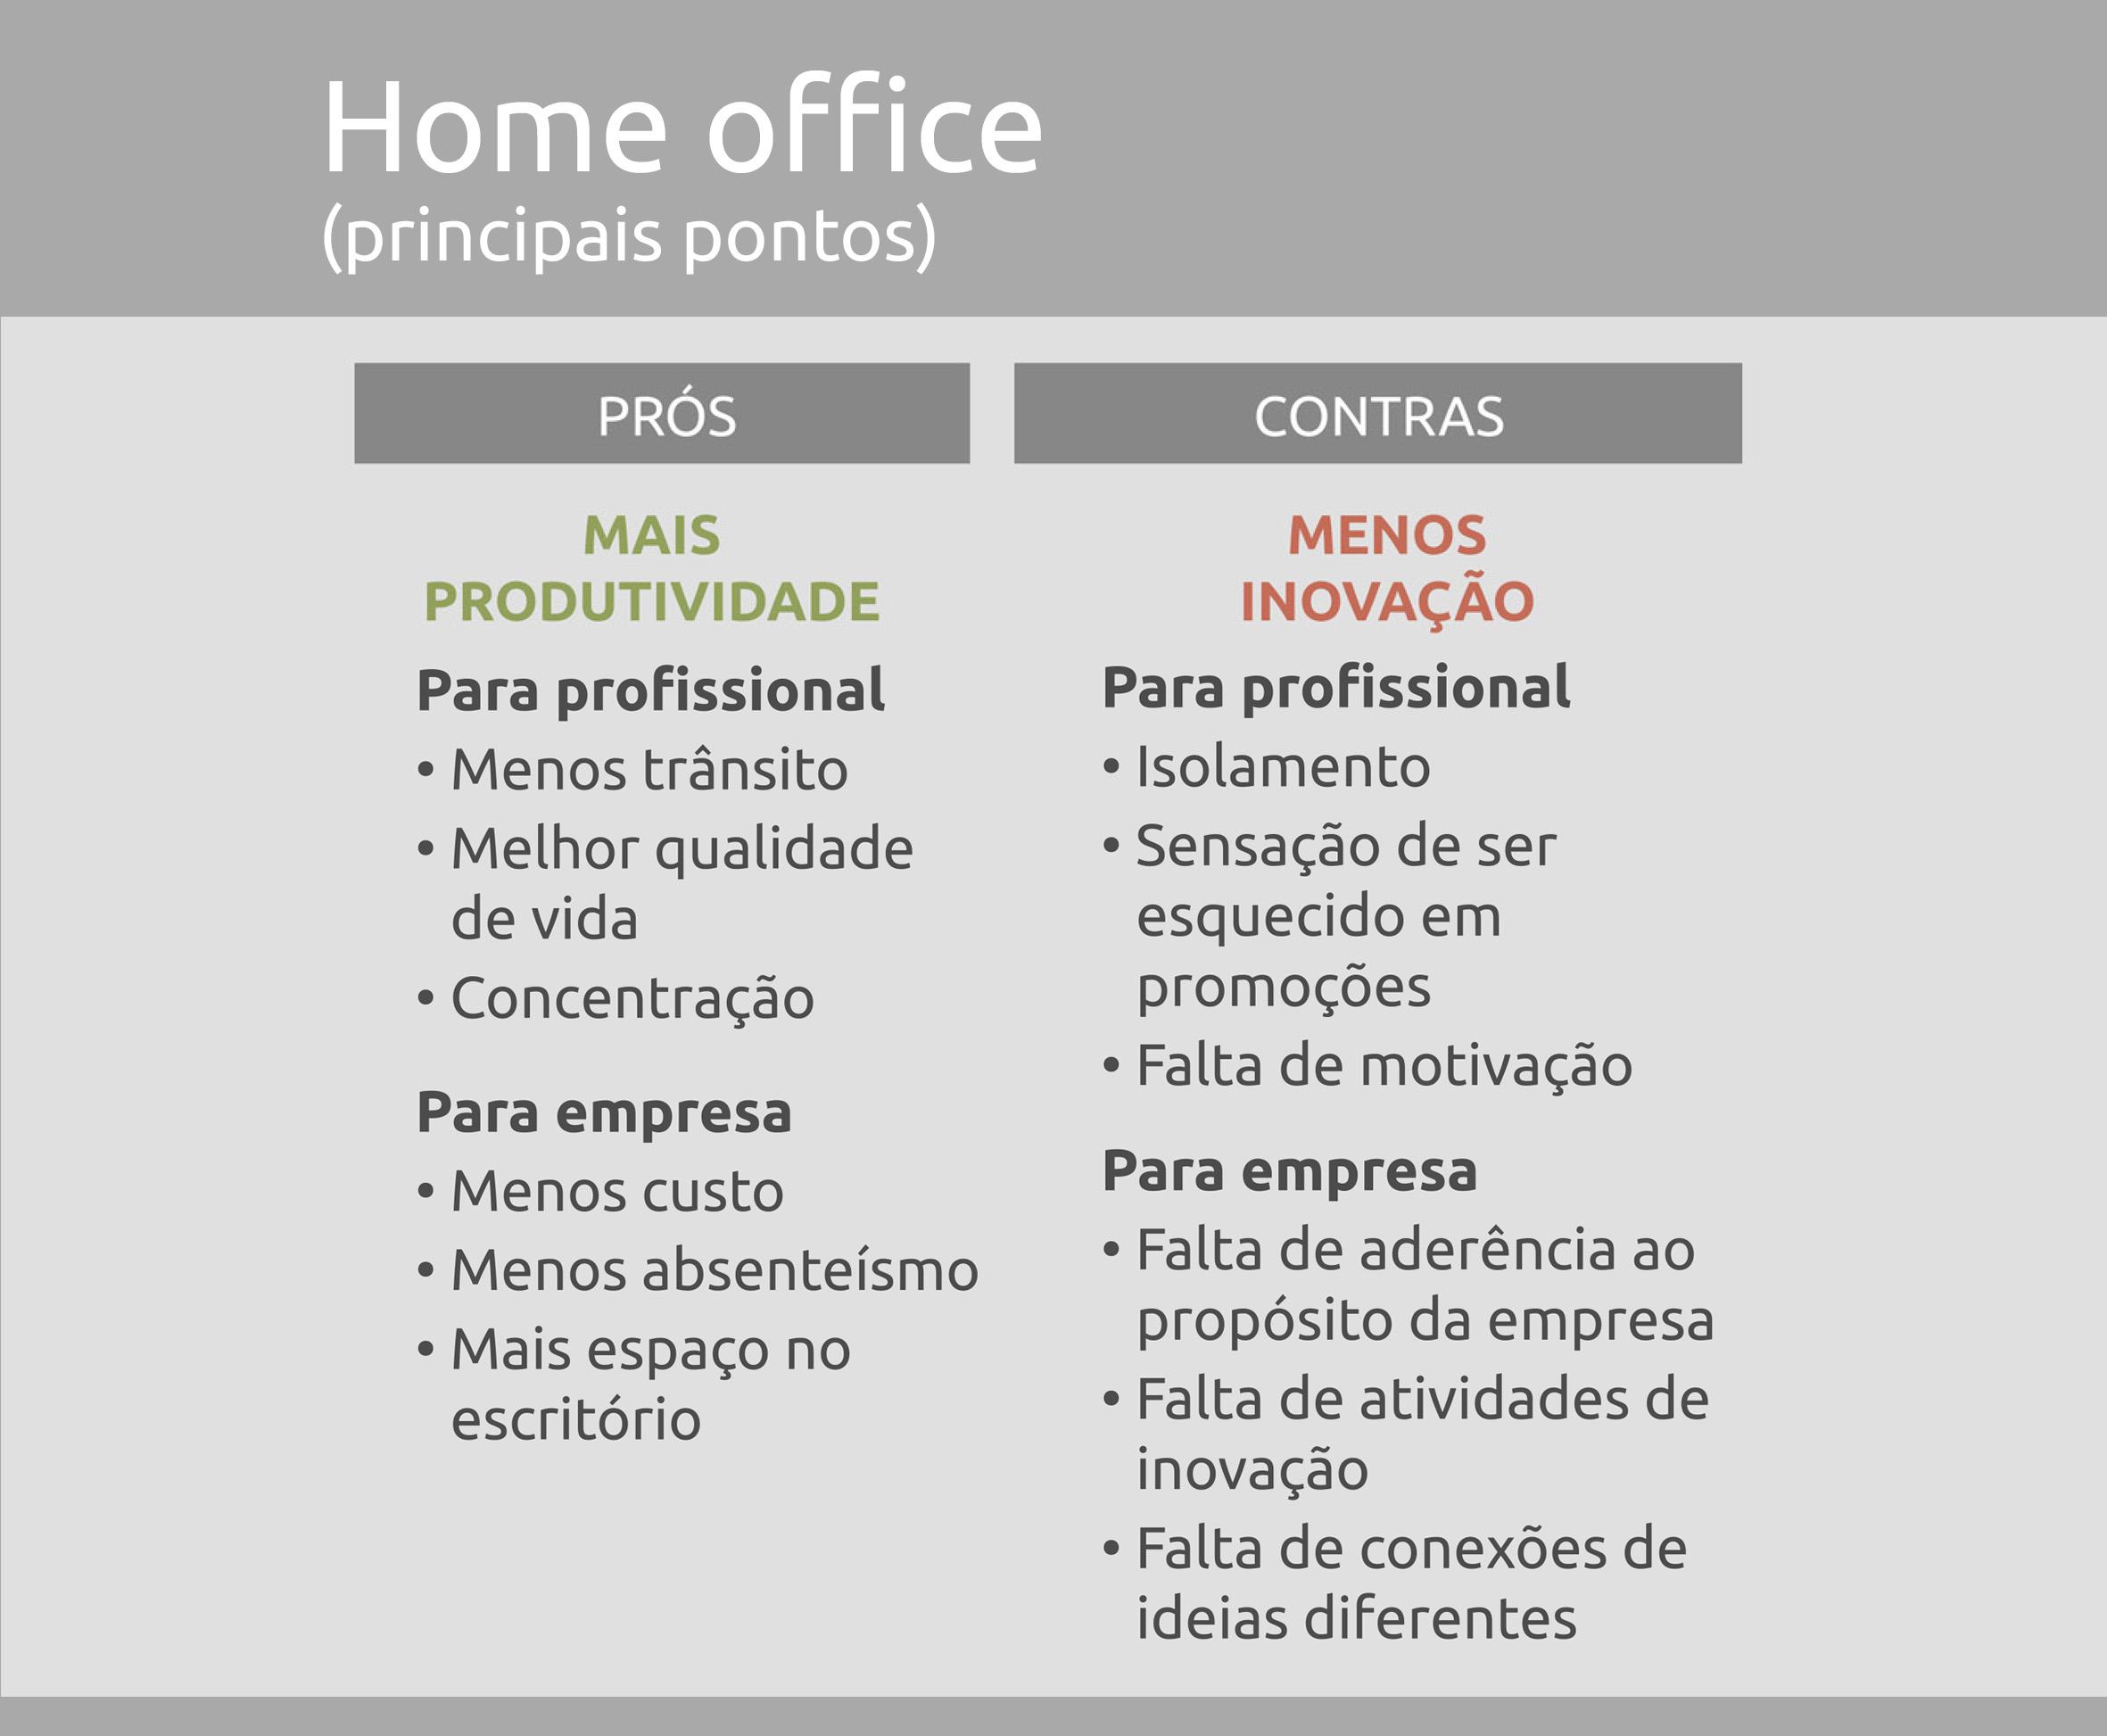 home-office-ou-trabalho-presencial-3